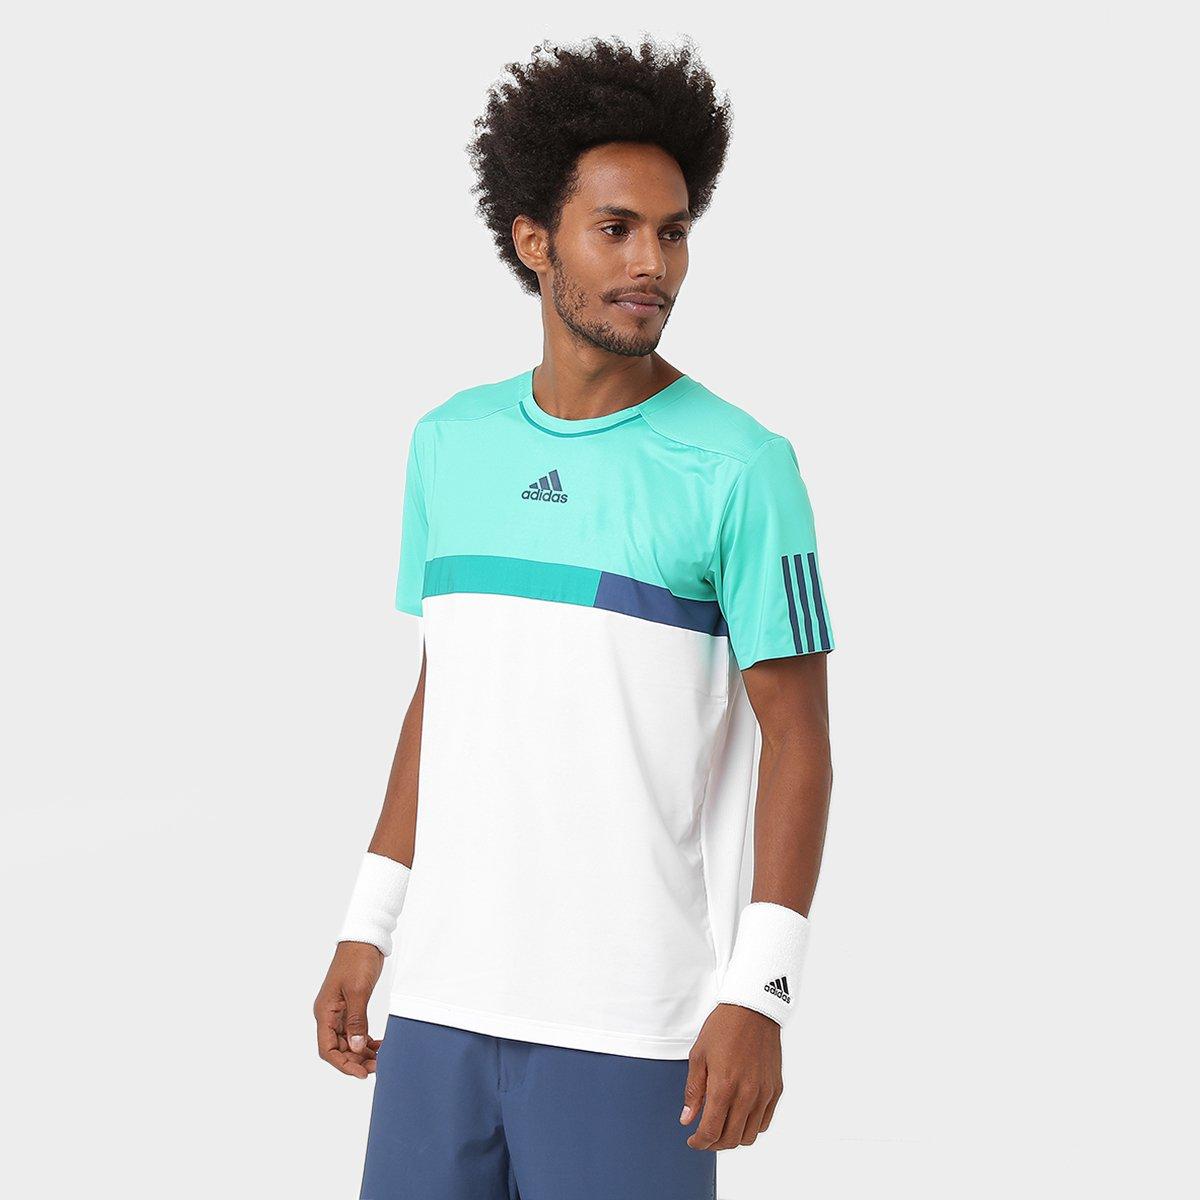 94e76f3d9c64d Camiseta Adidas Barricade - Compre Agora